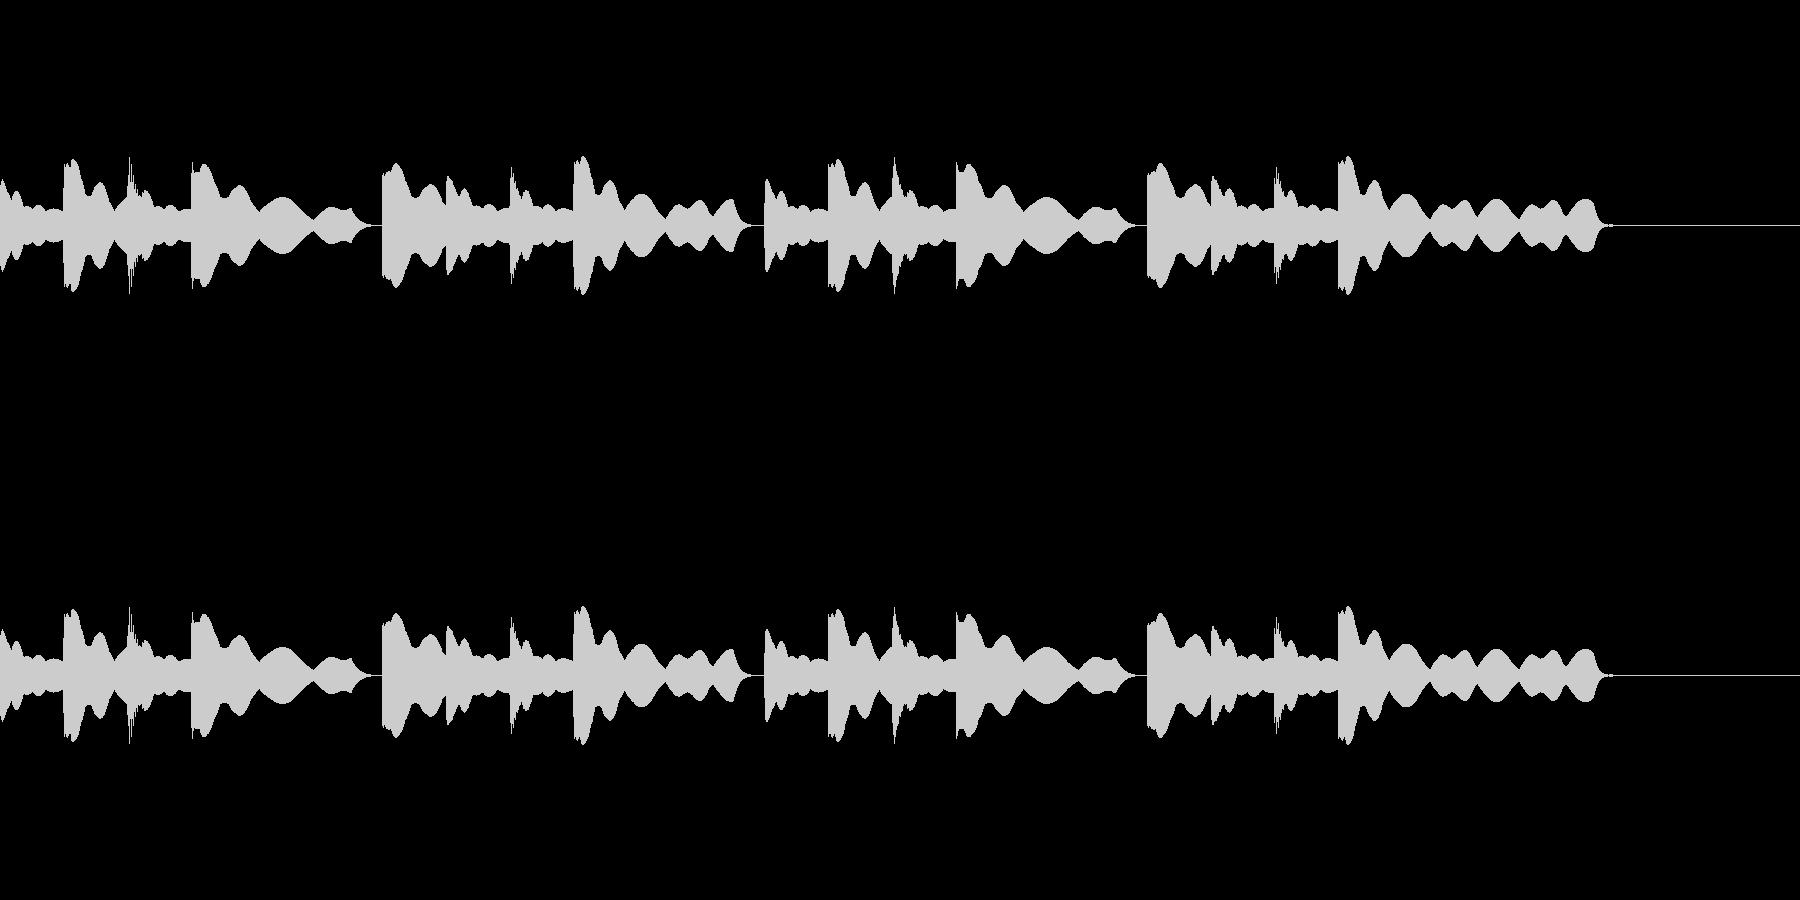 チャイム(通常版)の未再生の波形